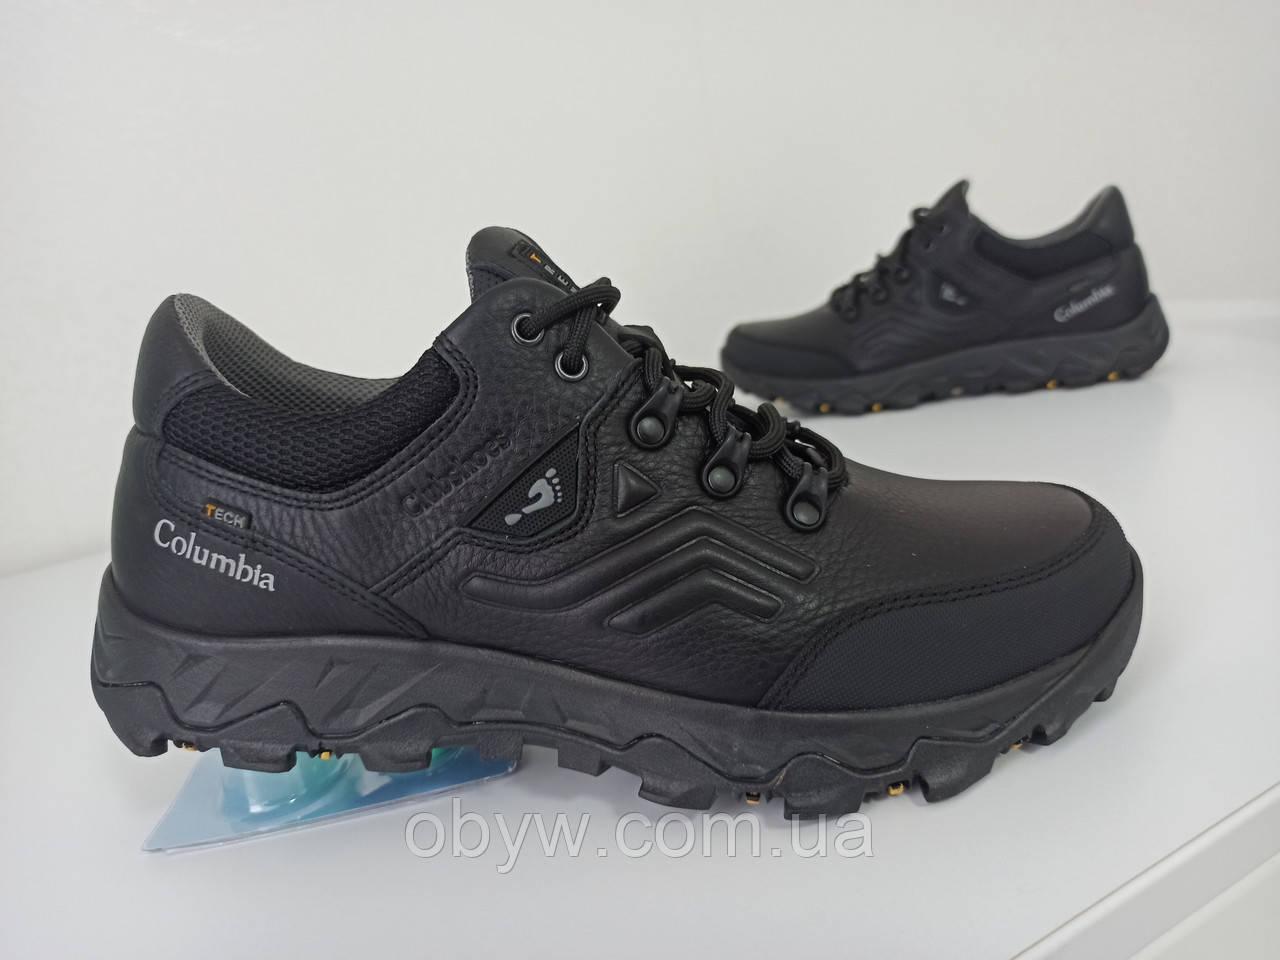 Демисезонная мужская кожаная обувь Columbia ZX- 90 choes